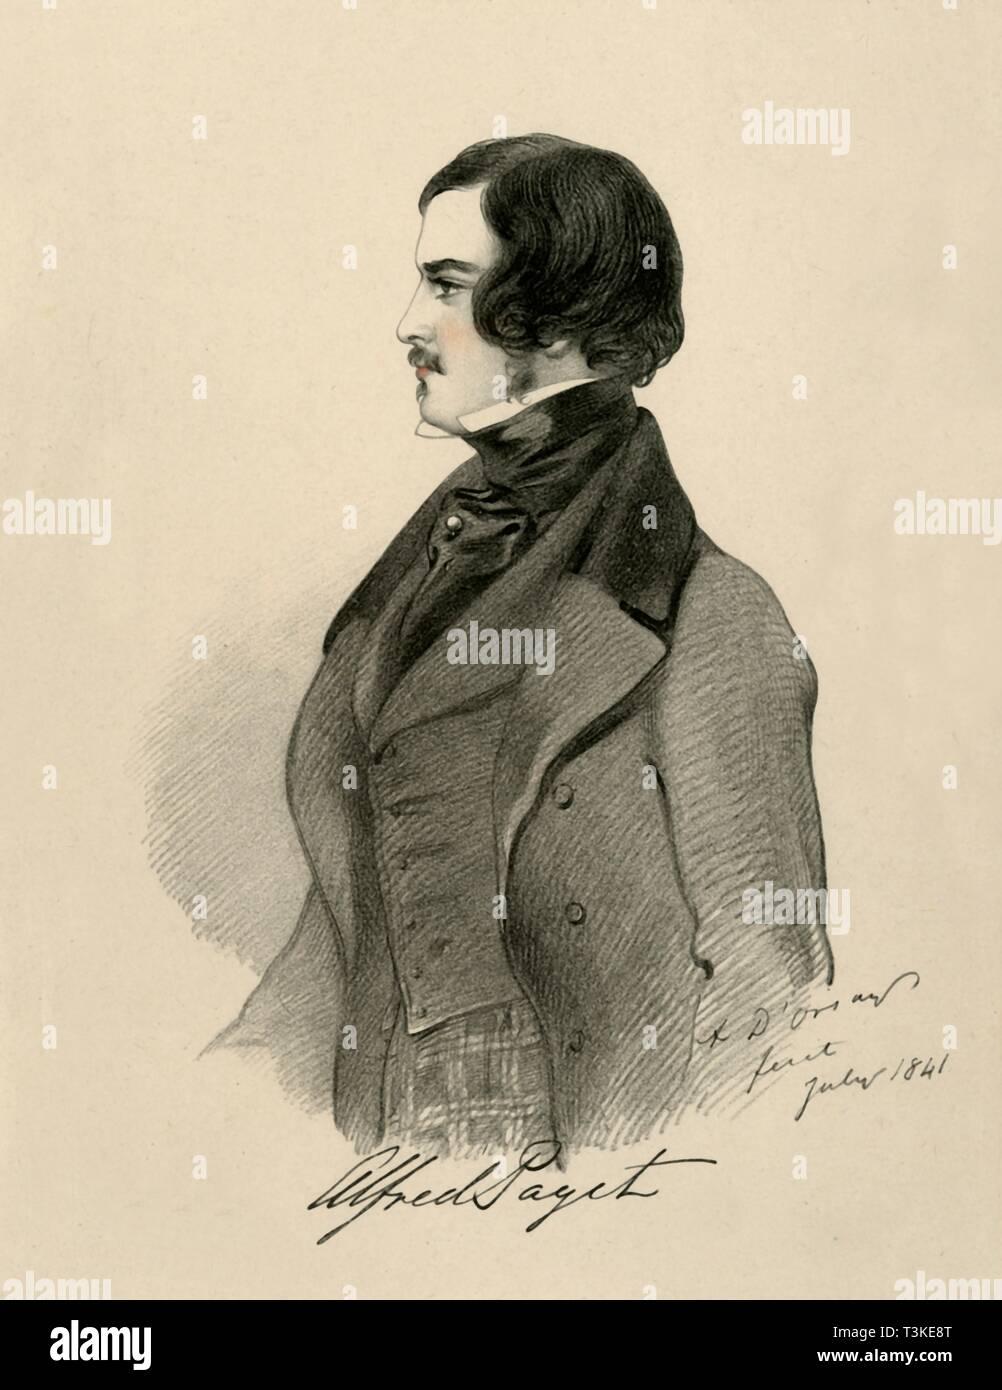 'Alfred Paget', 1841. Creator: Richard James Lane. - Stock Image